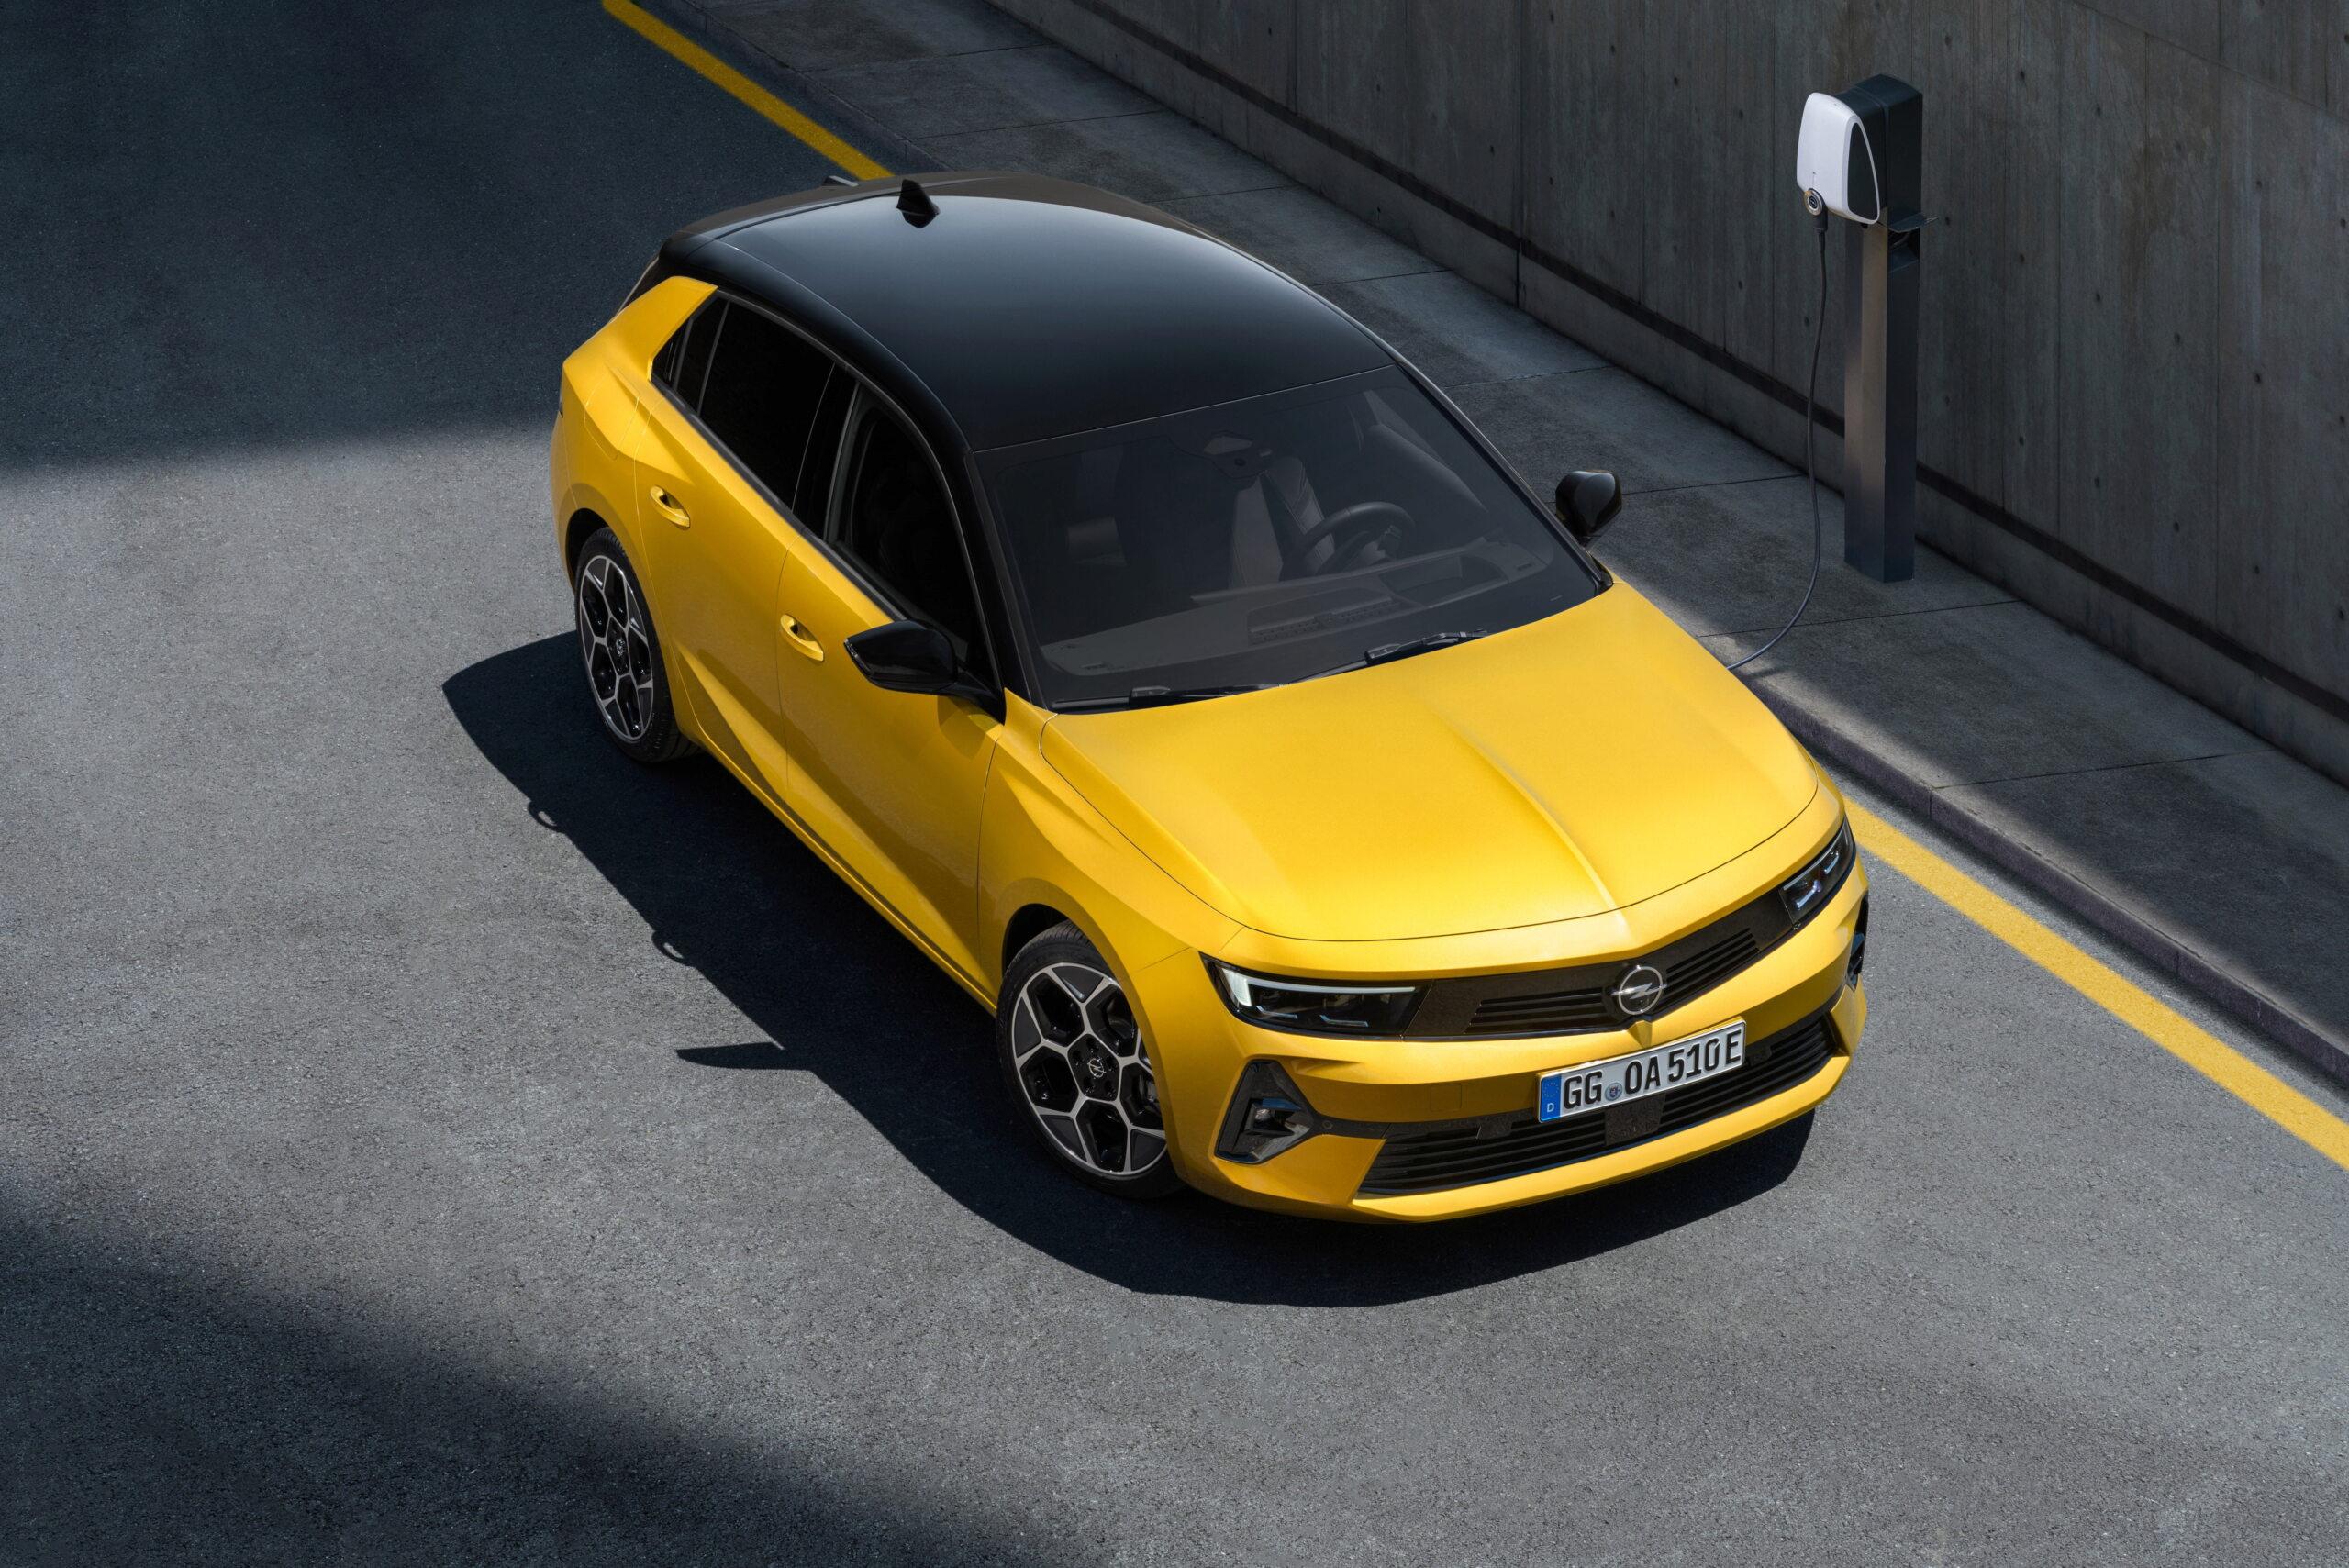 Fotos alta definición Opel Astra L  04-ope10